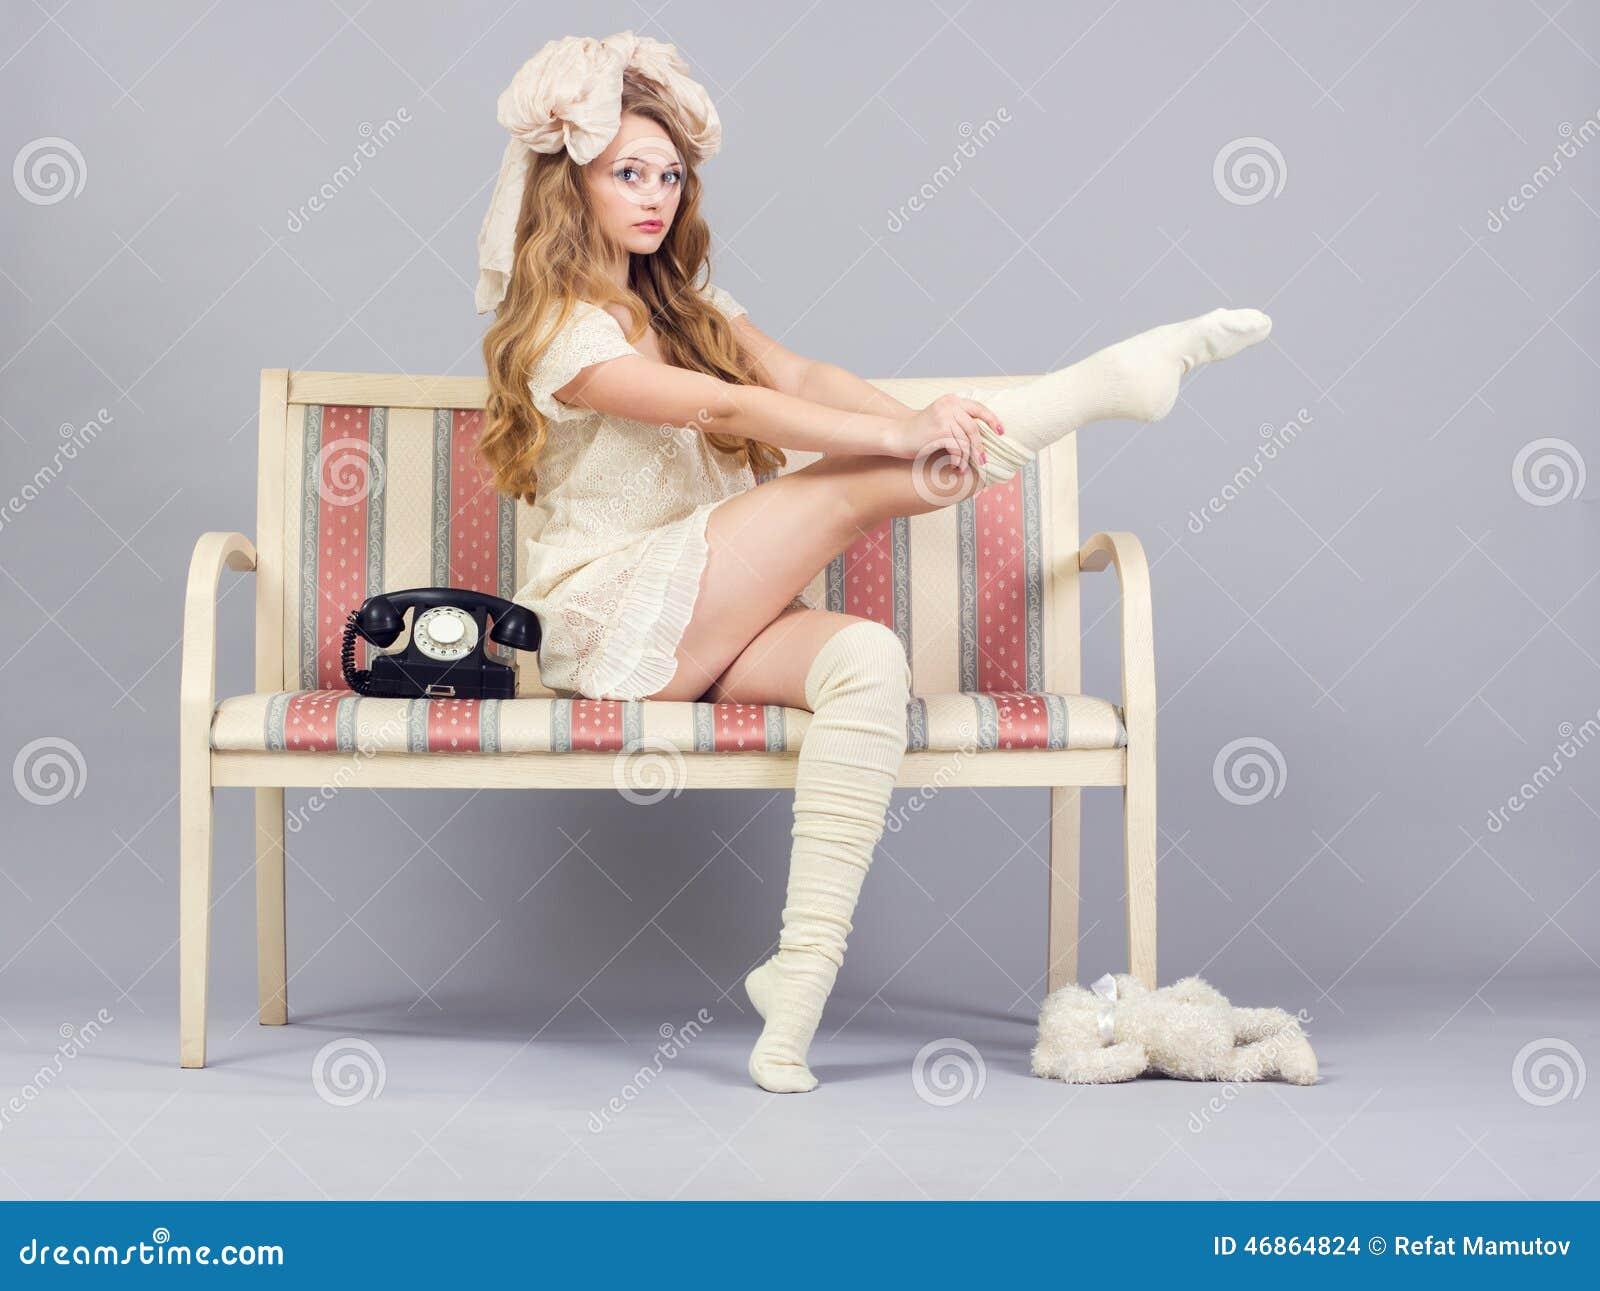 Фото девушки на кресле 21 фотография